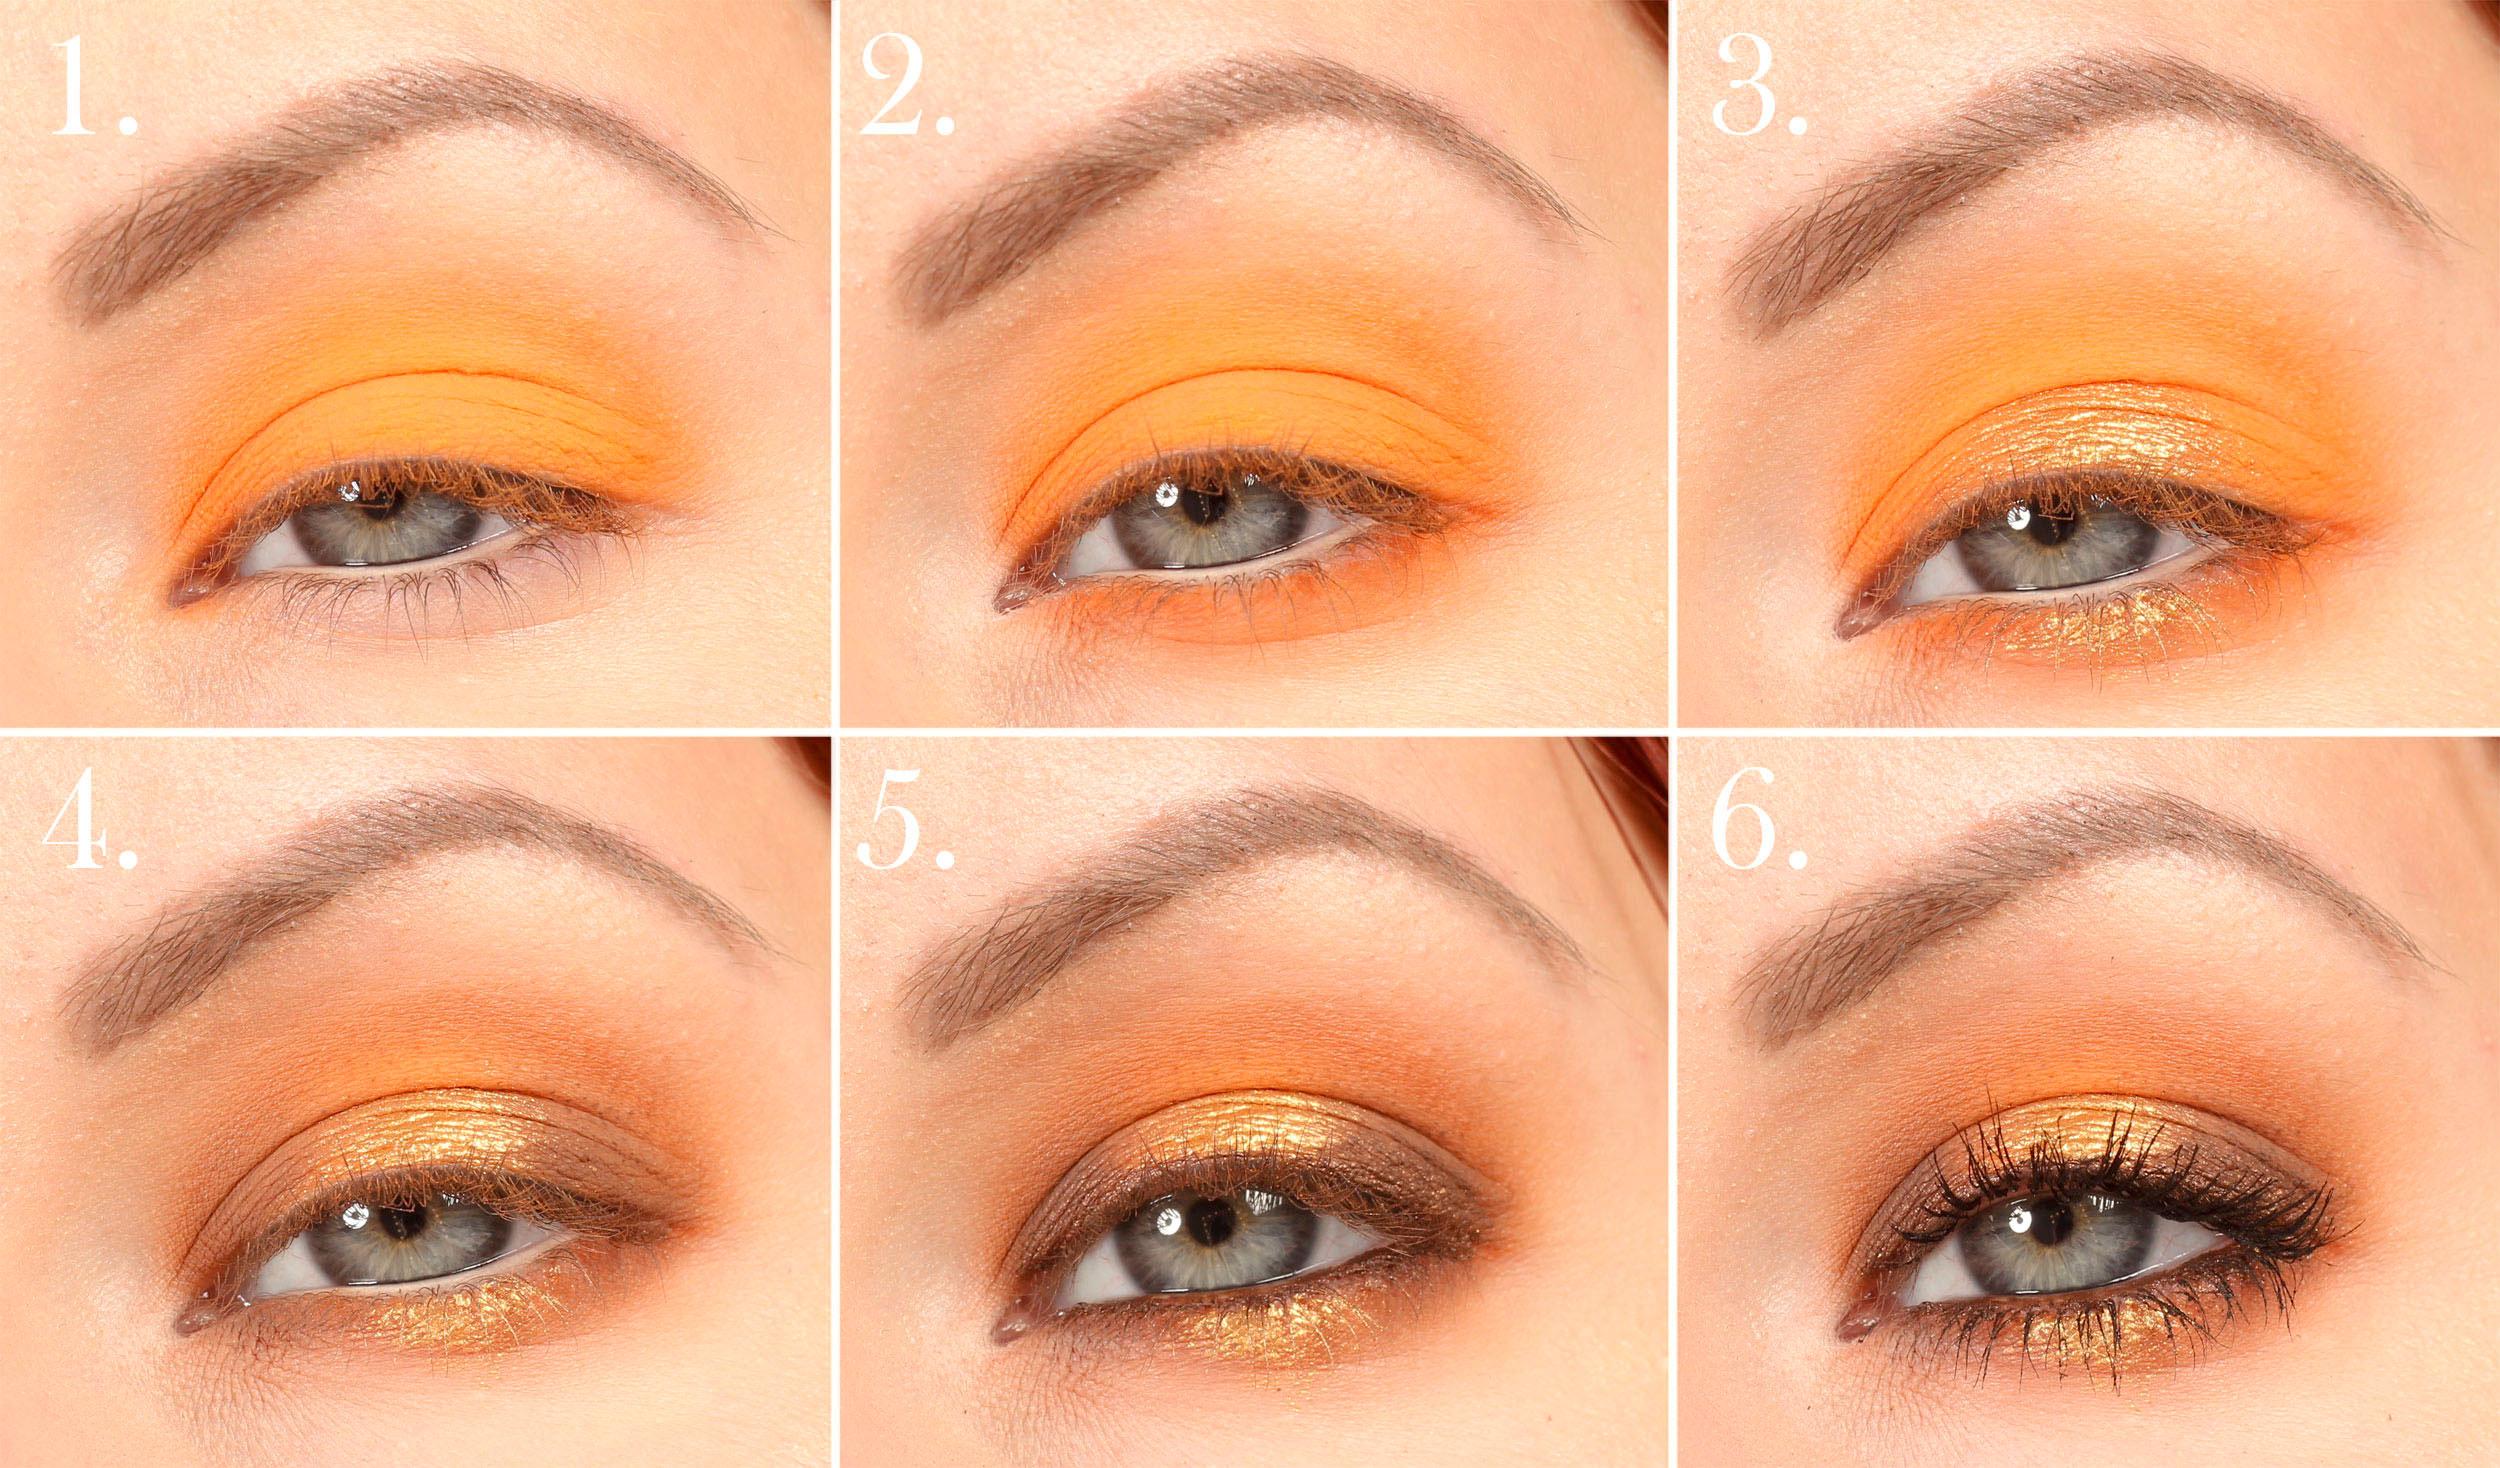 primer till ögonskugga